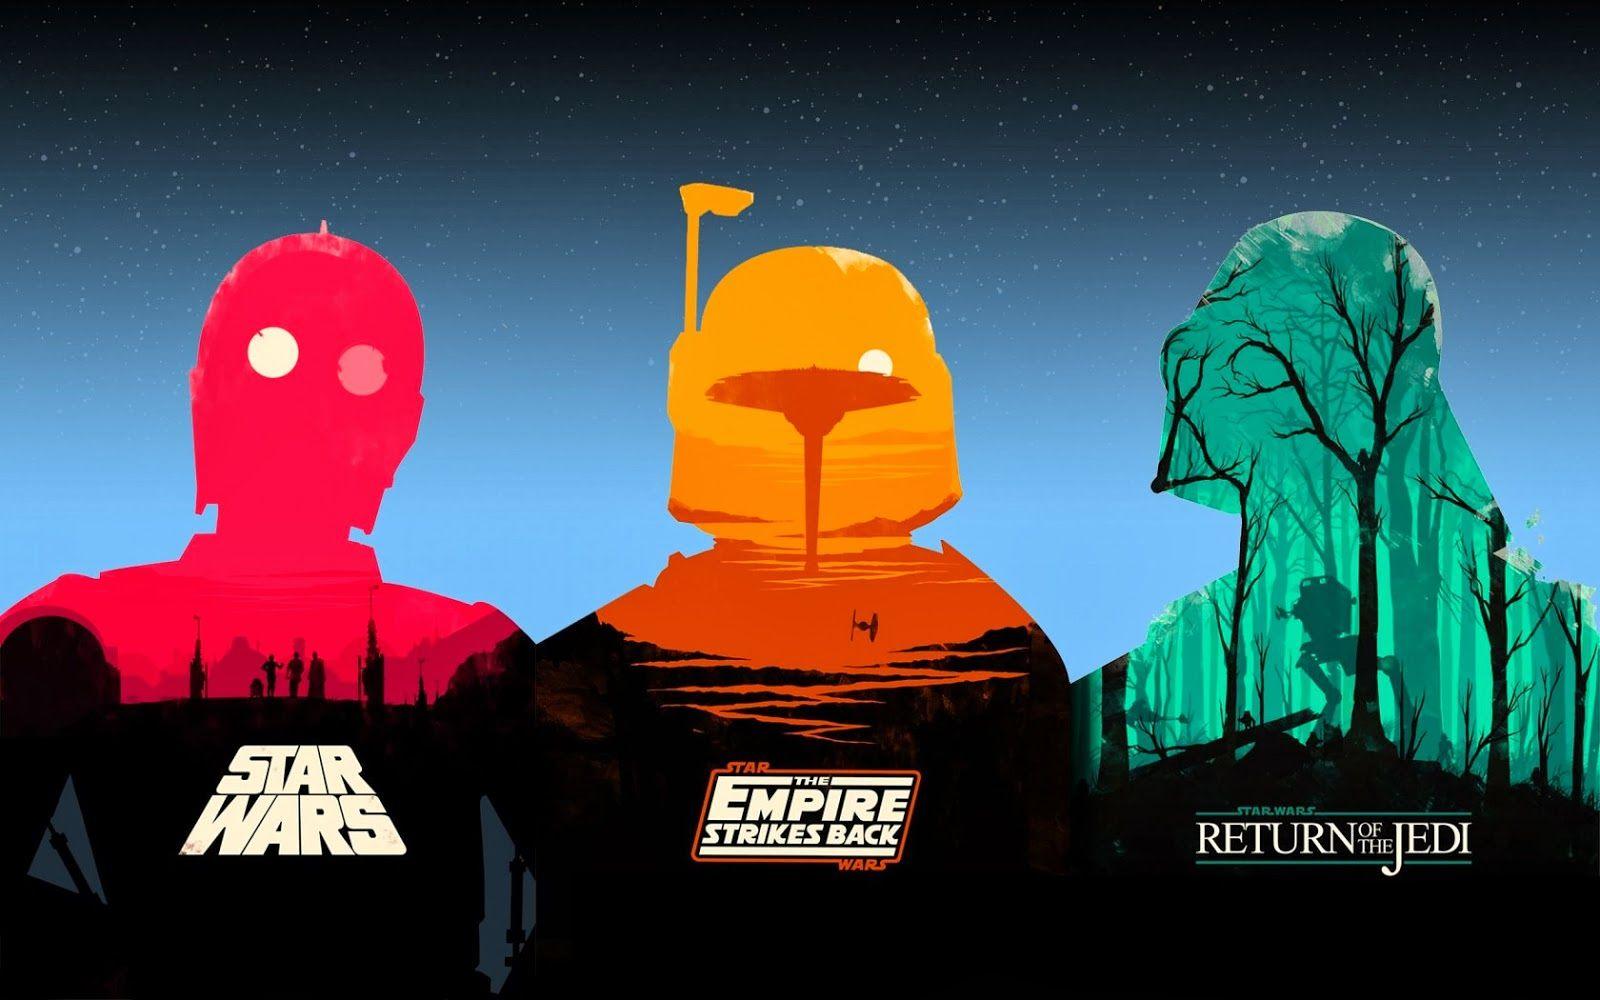 star wars the original trilogy franchise